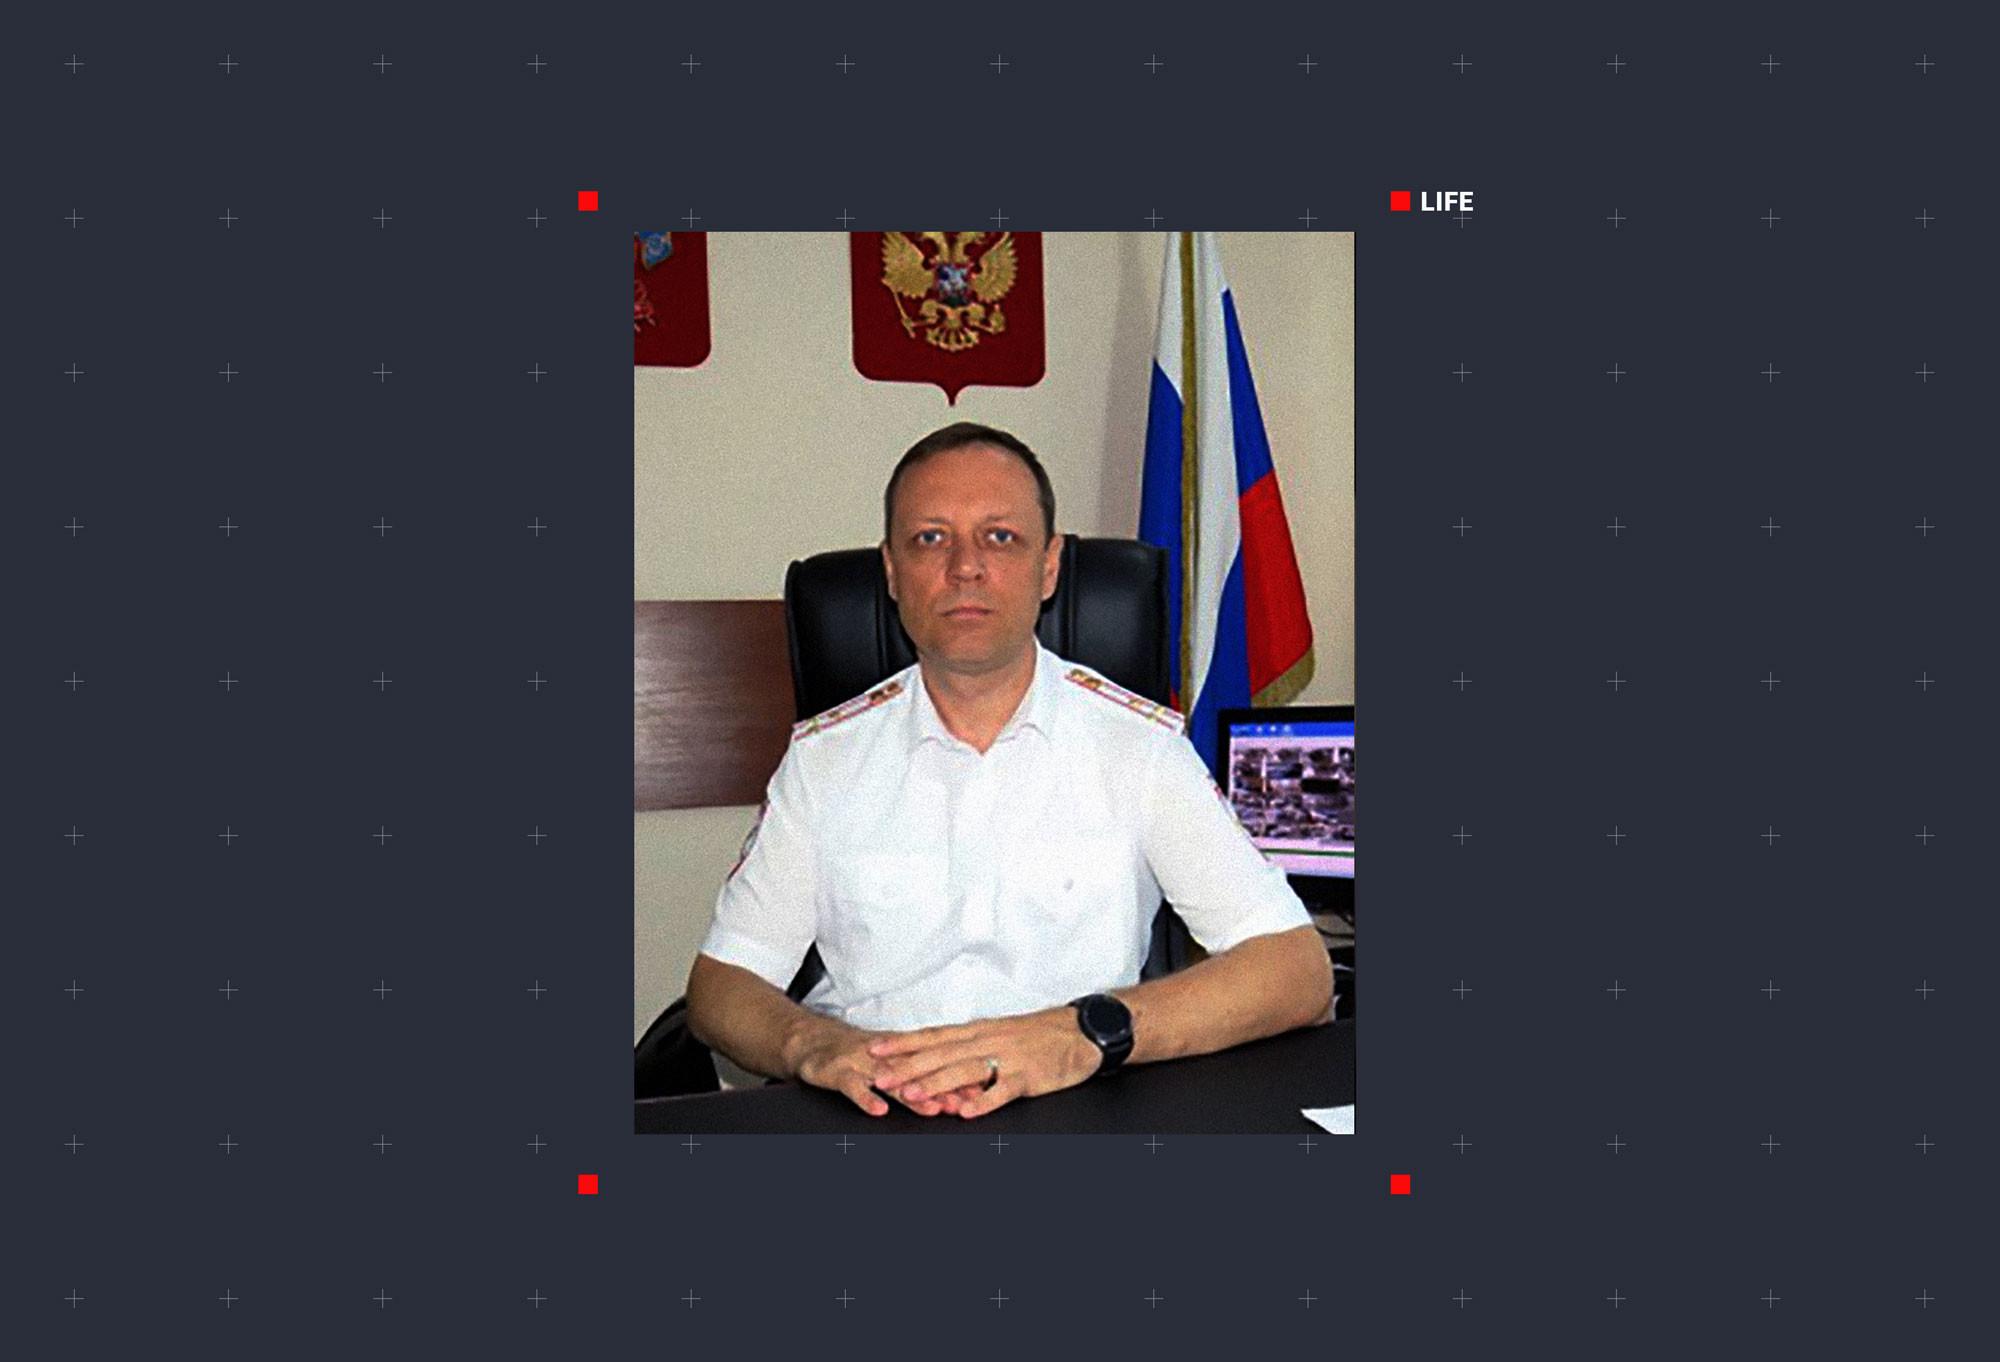 Полковник Виталий Шевченко. Фото © Официальный сайт Министерства внутренних дел Российской Федерации